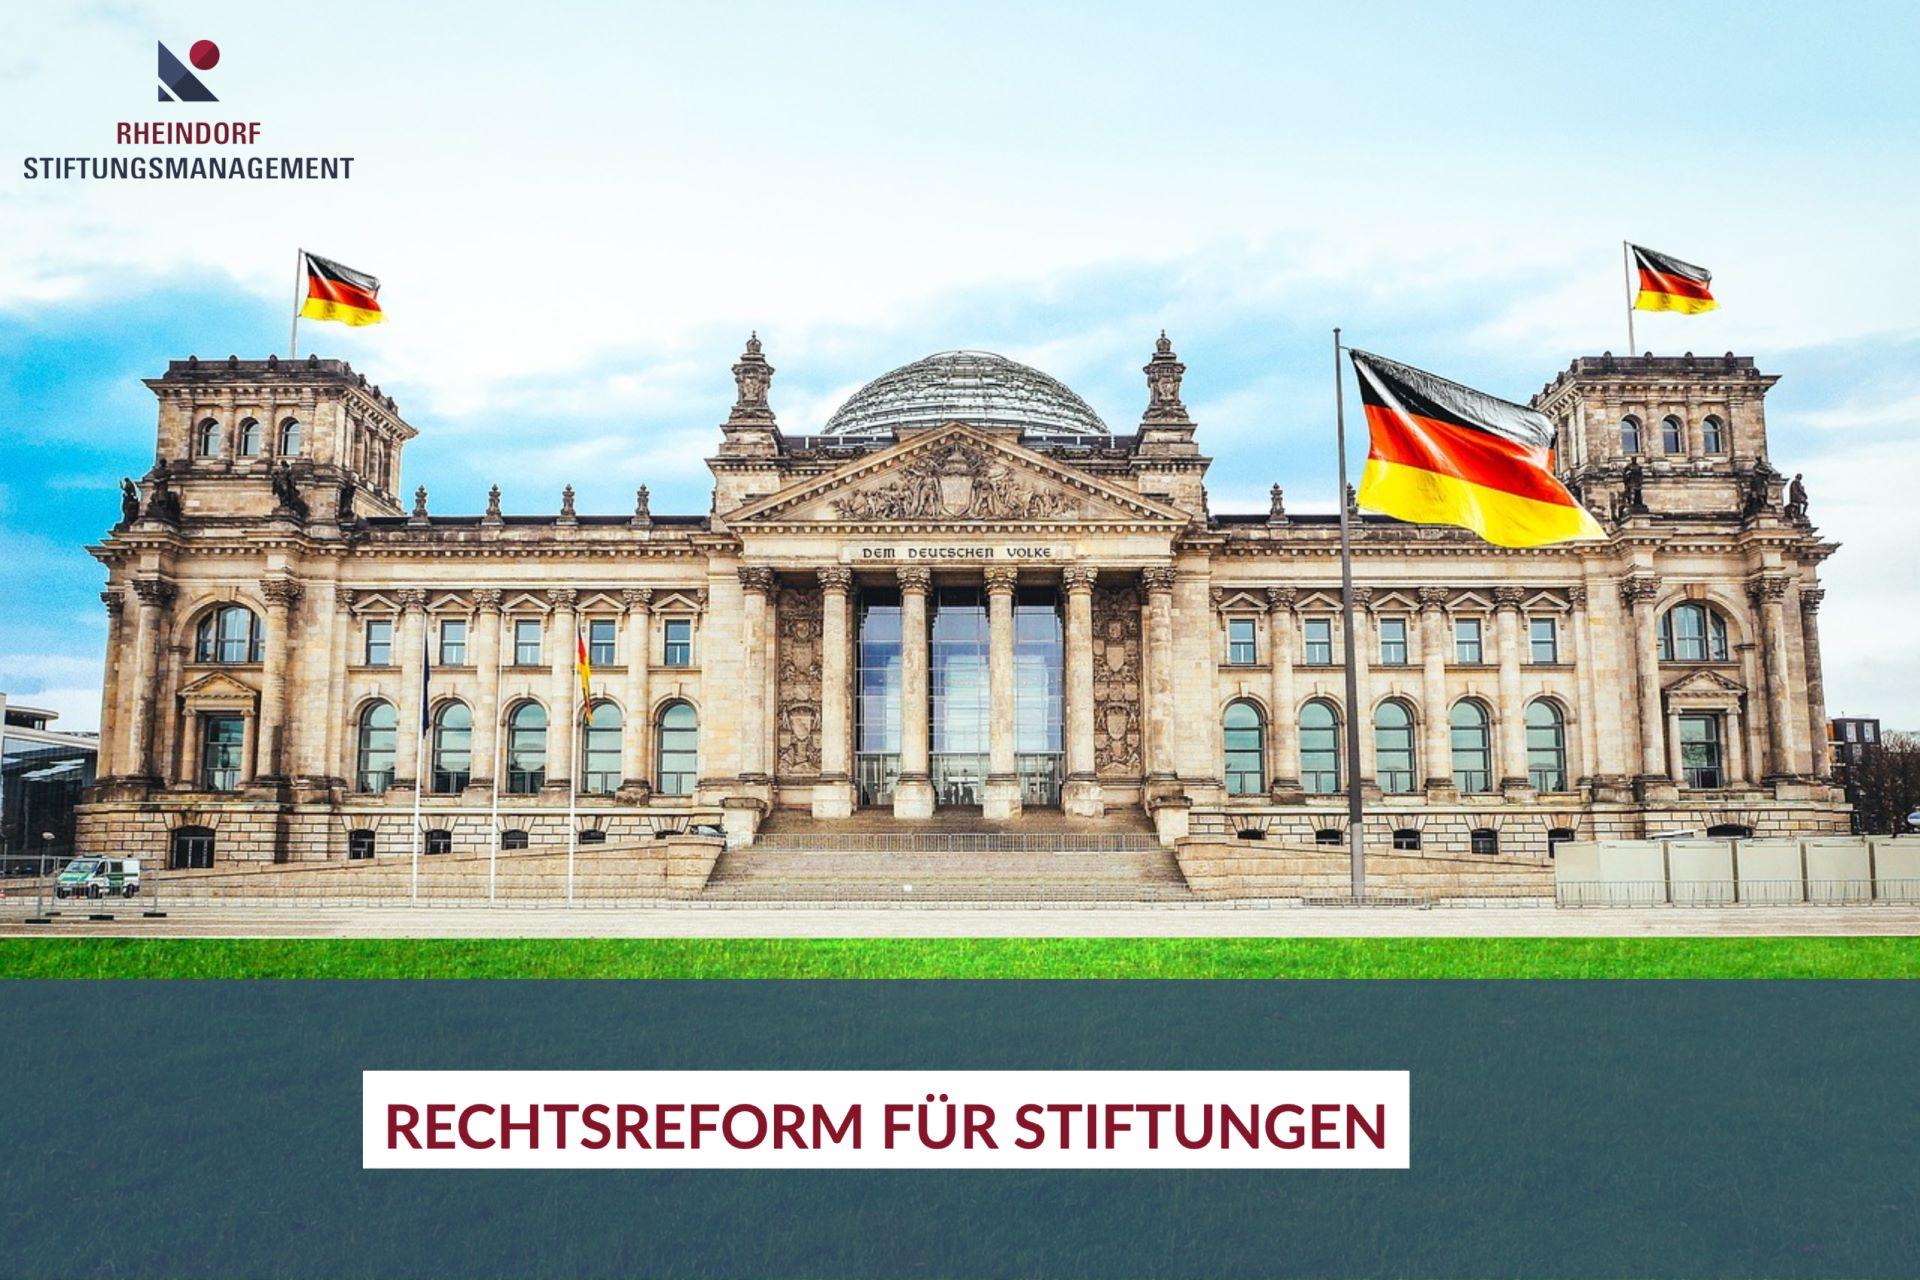 Rechtsreform für Stiftungen